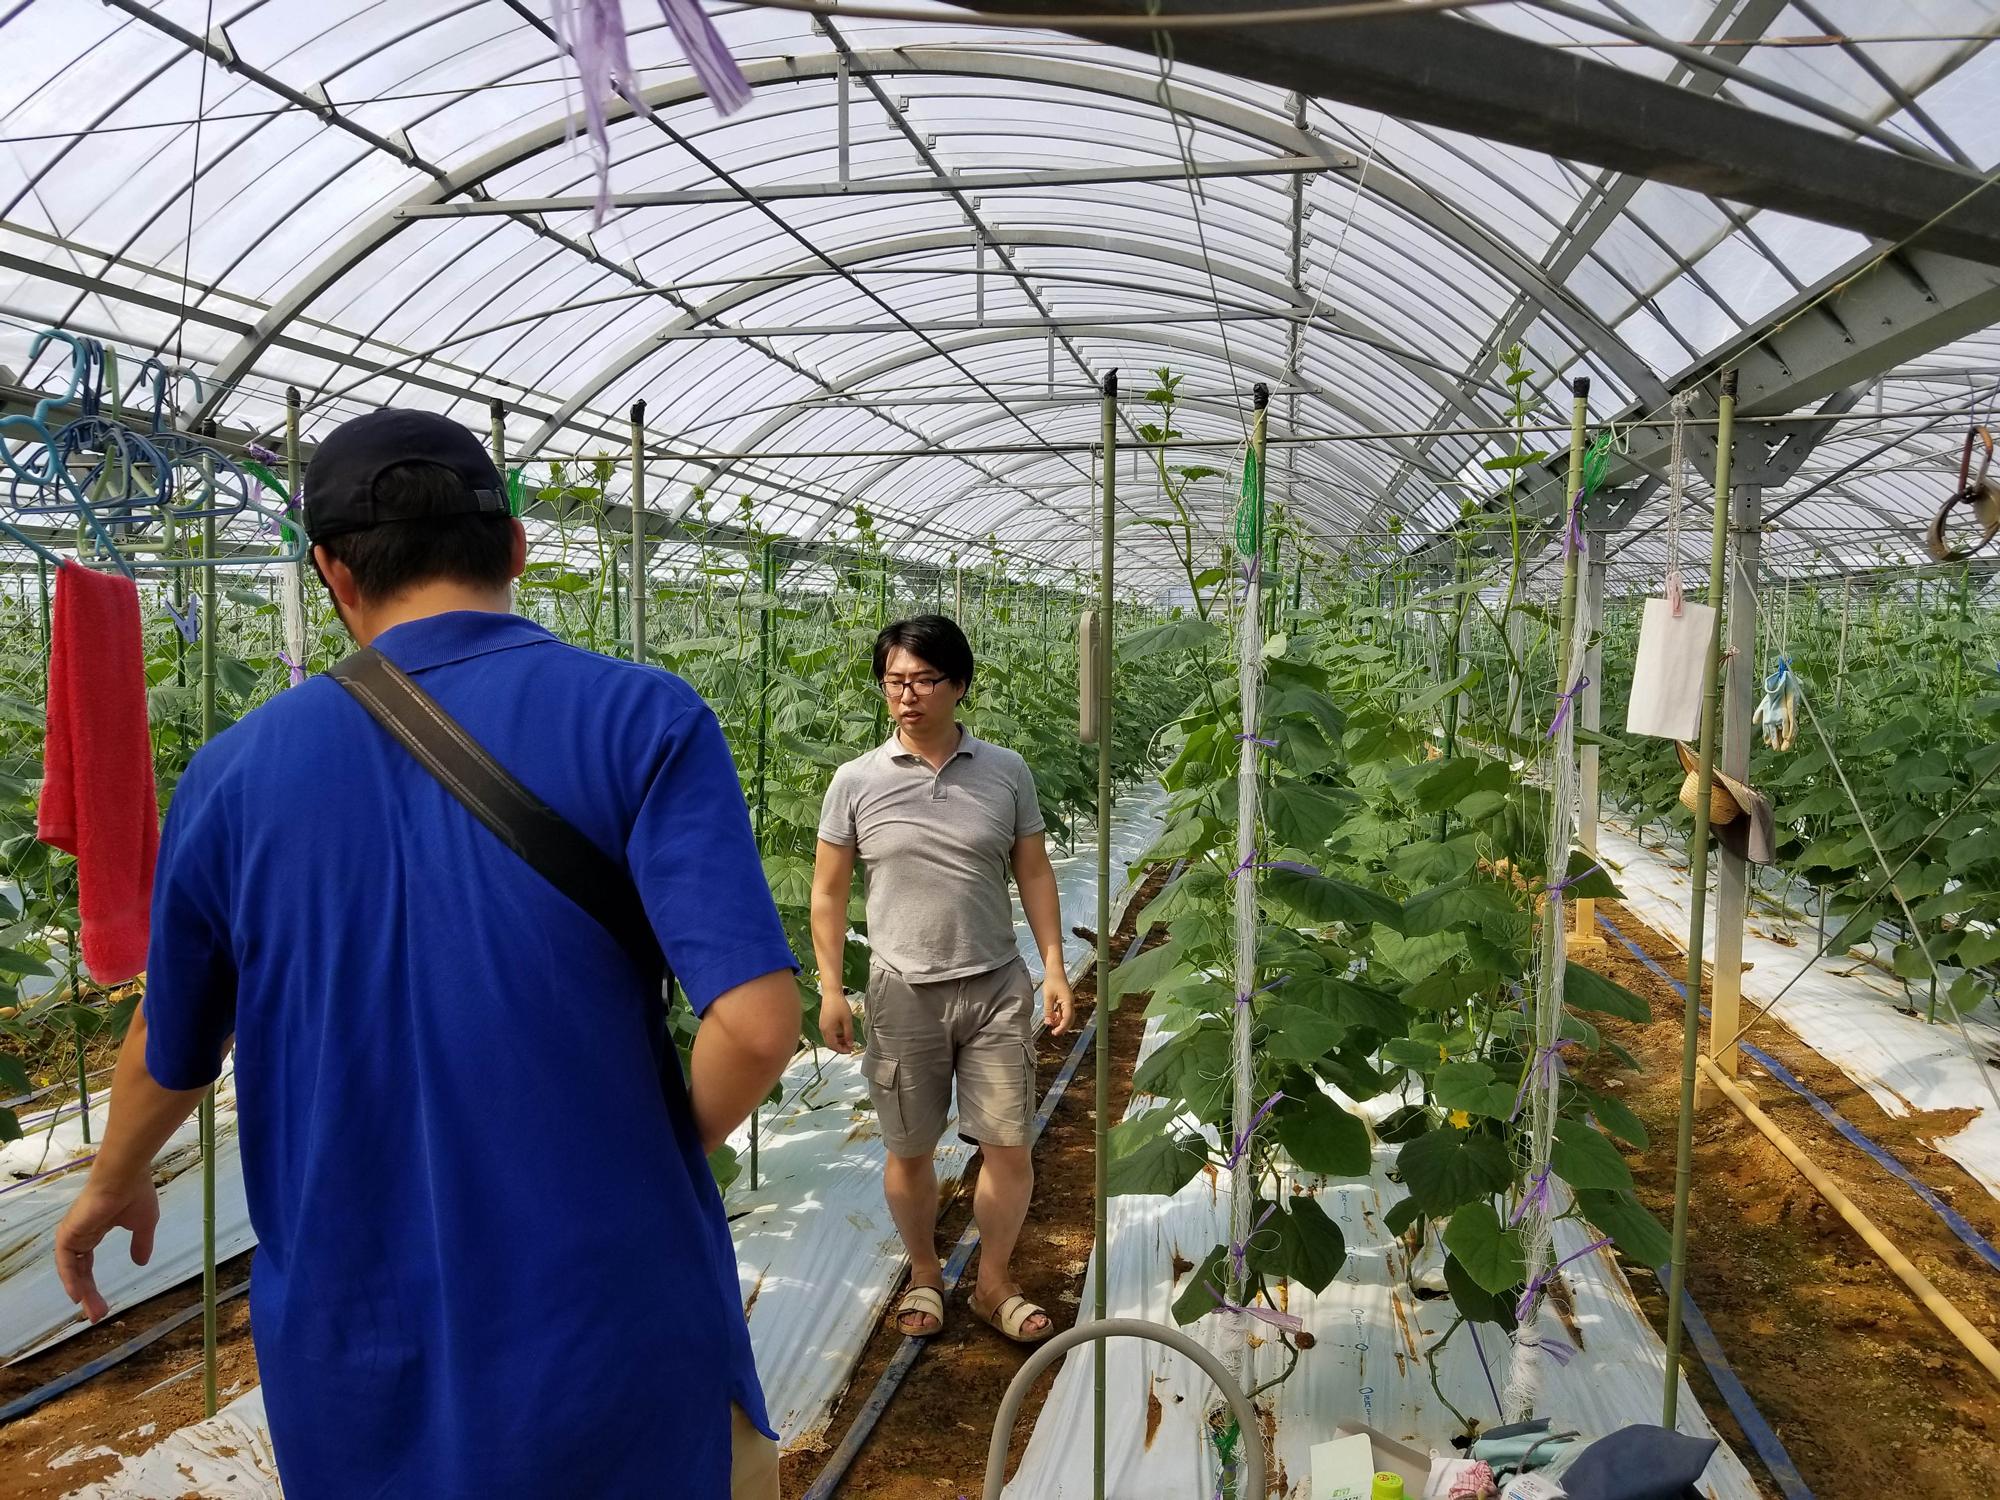 きゅうりを栽培するハウスの様子。撮影時、このハウスでは、まだきゅうりは実っていなかった